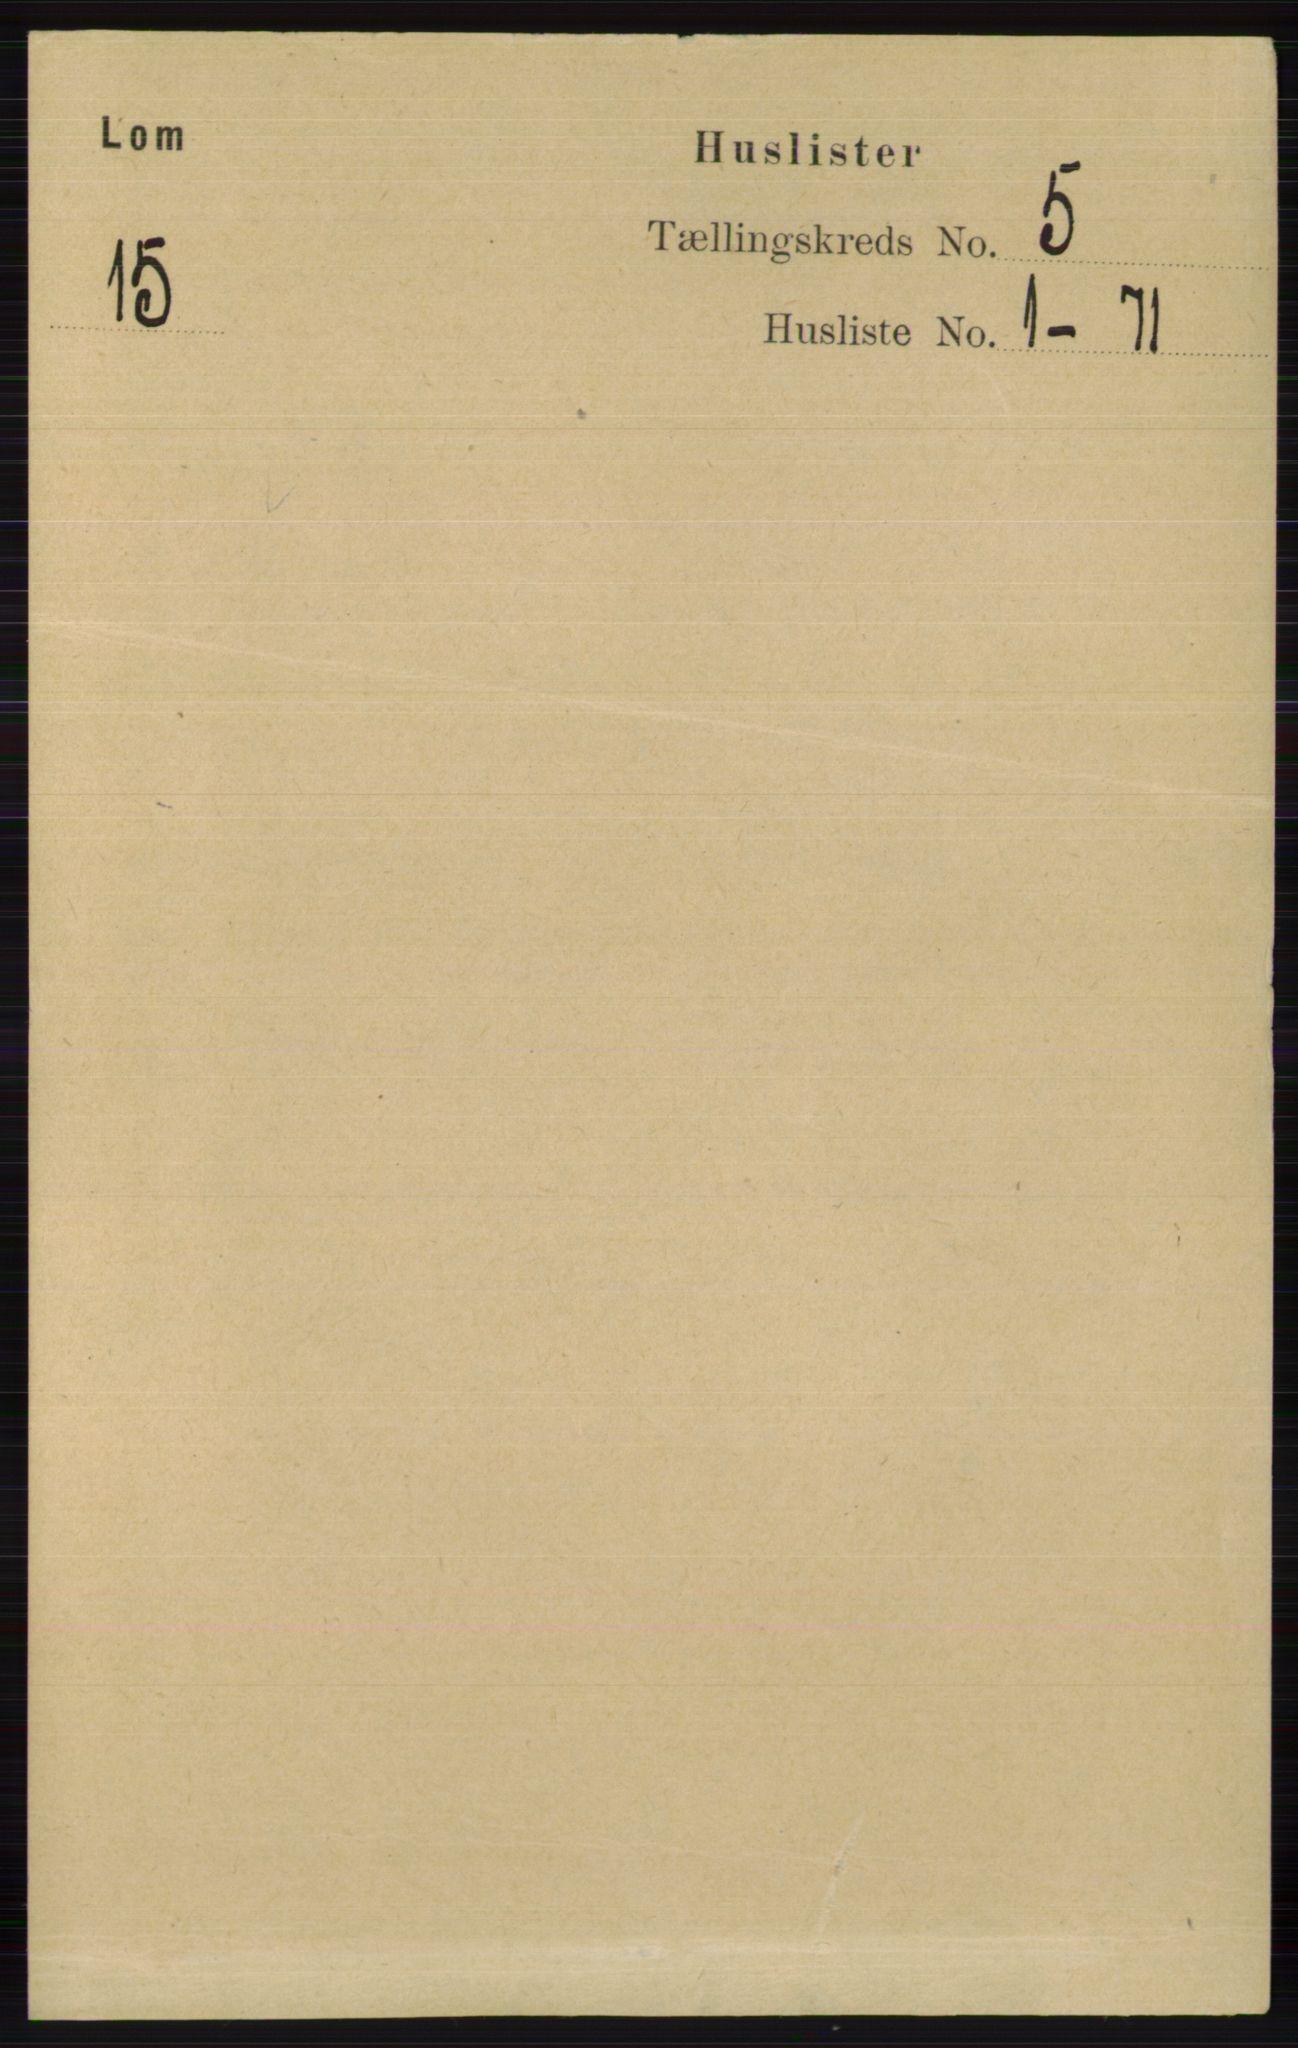 RA, Folketelling 1891 for 0514 Lom herred, 1891, s. 1777